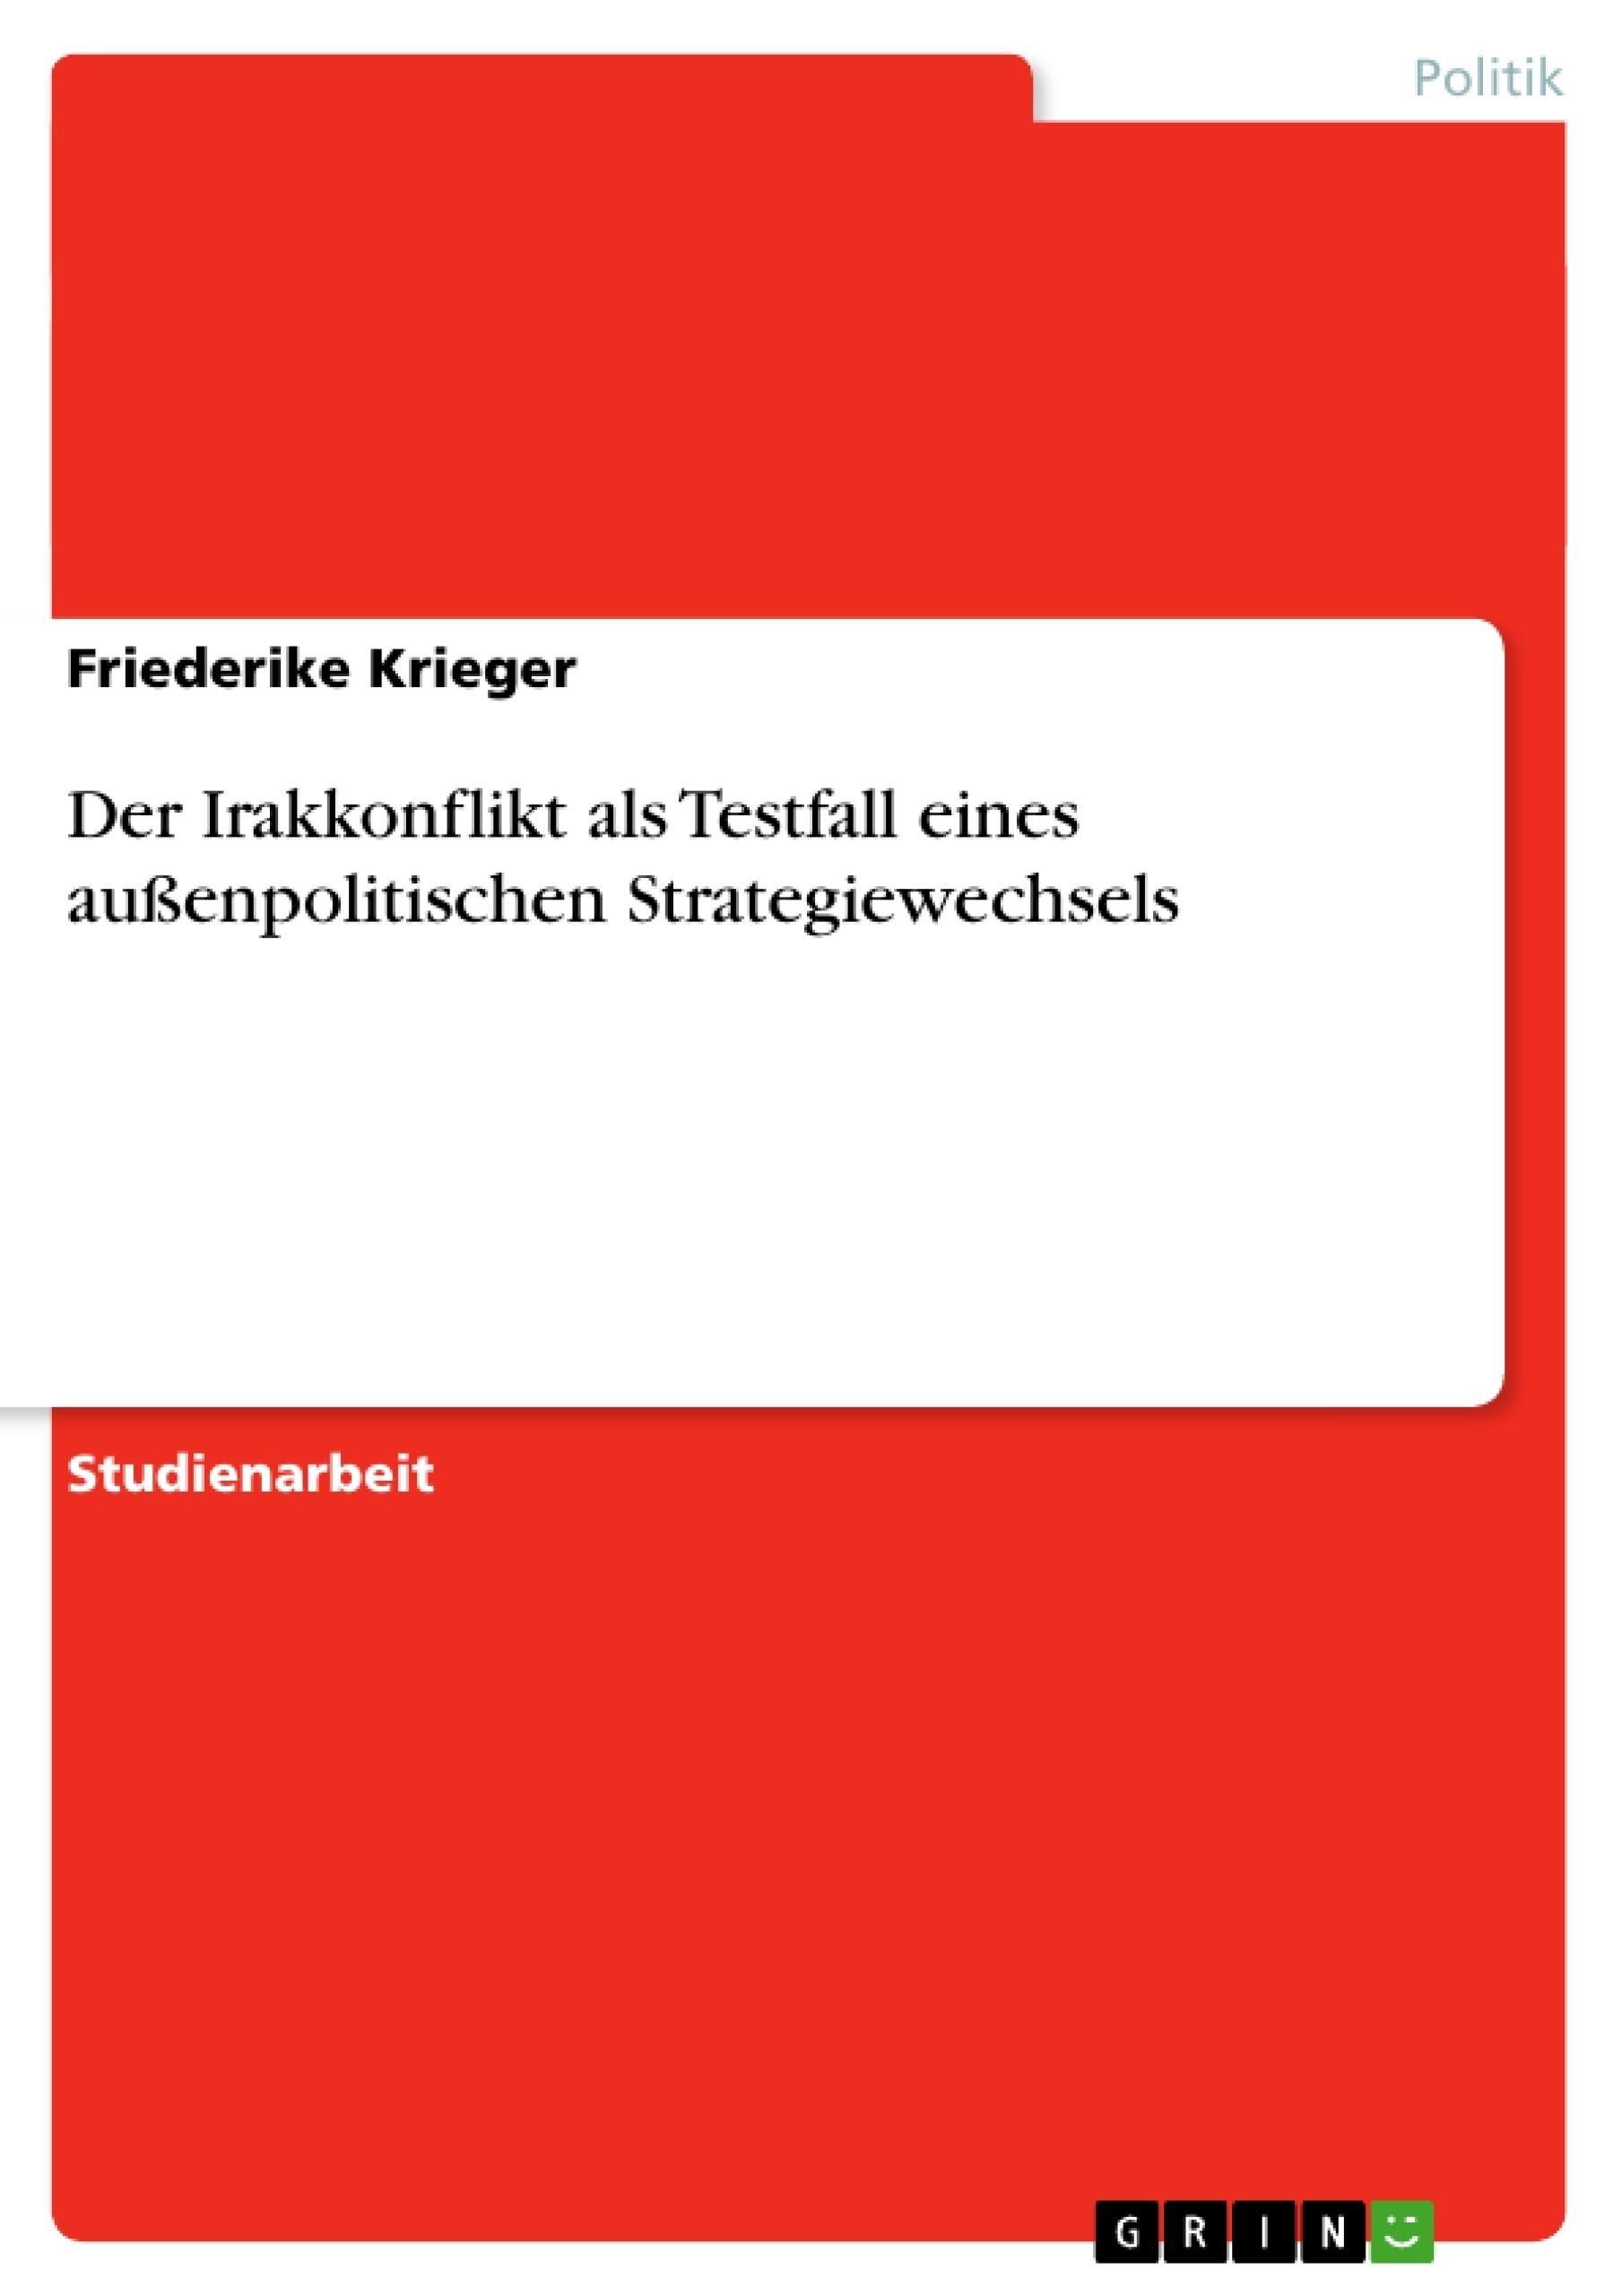 Titel: Der Irakkonflikt als Testfall eines außenpolitischen Strategiewechsels